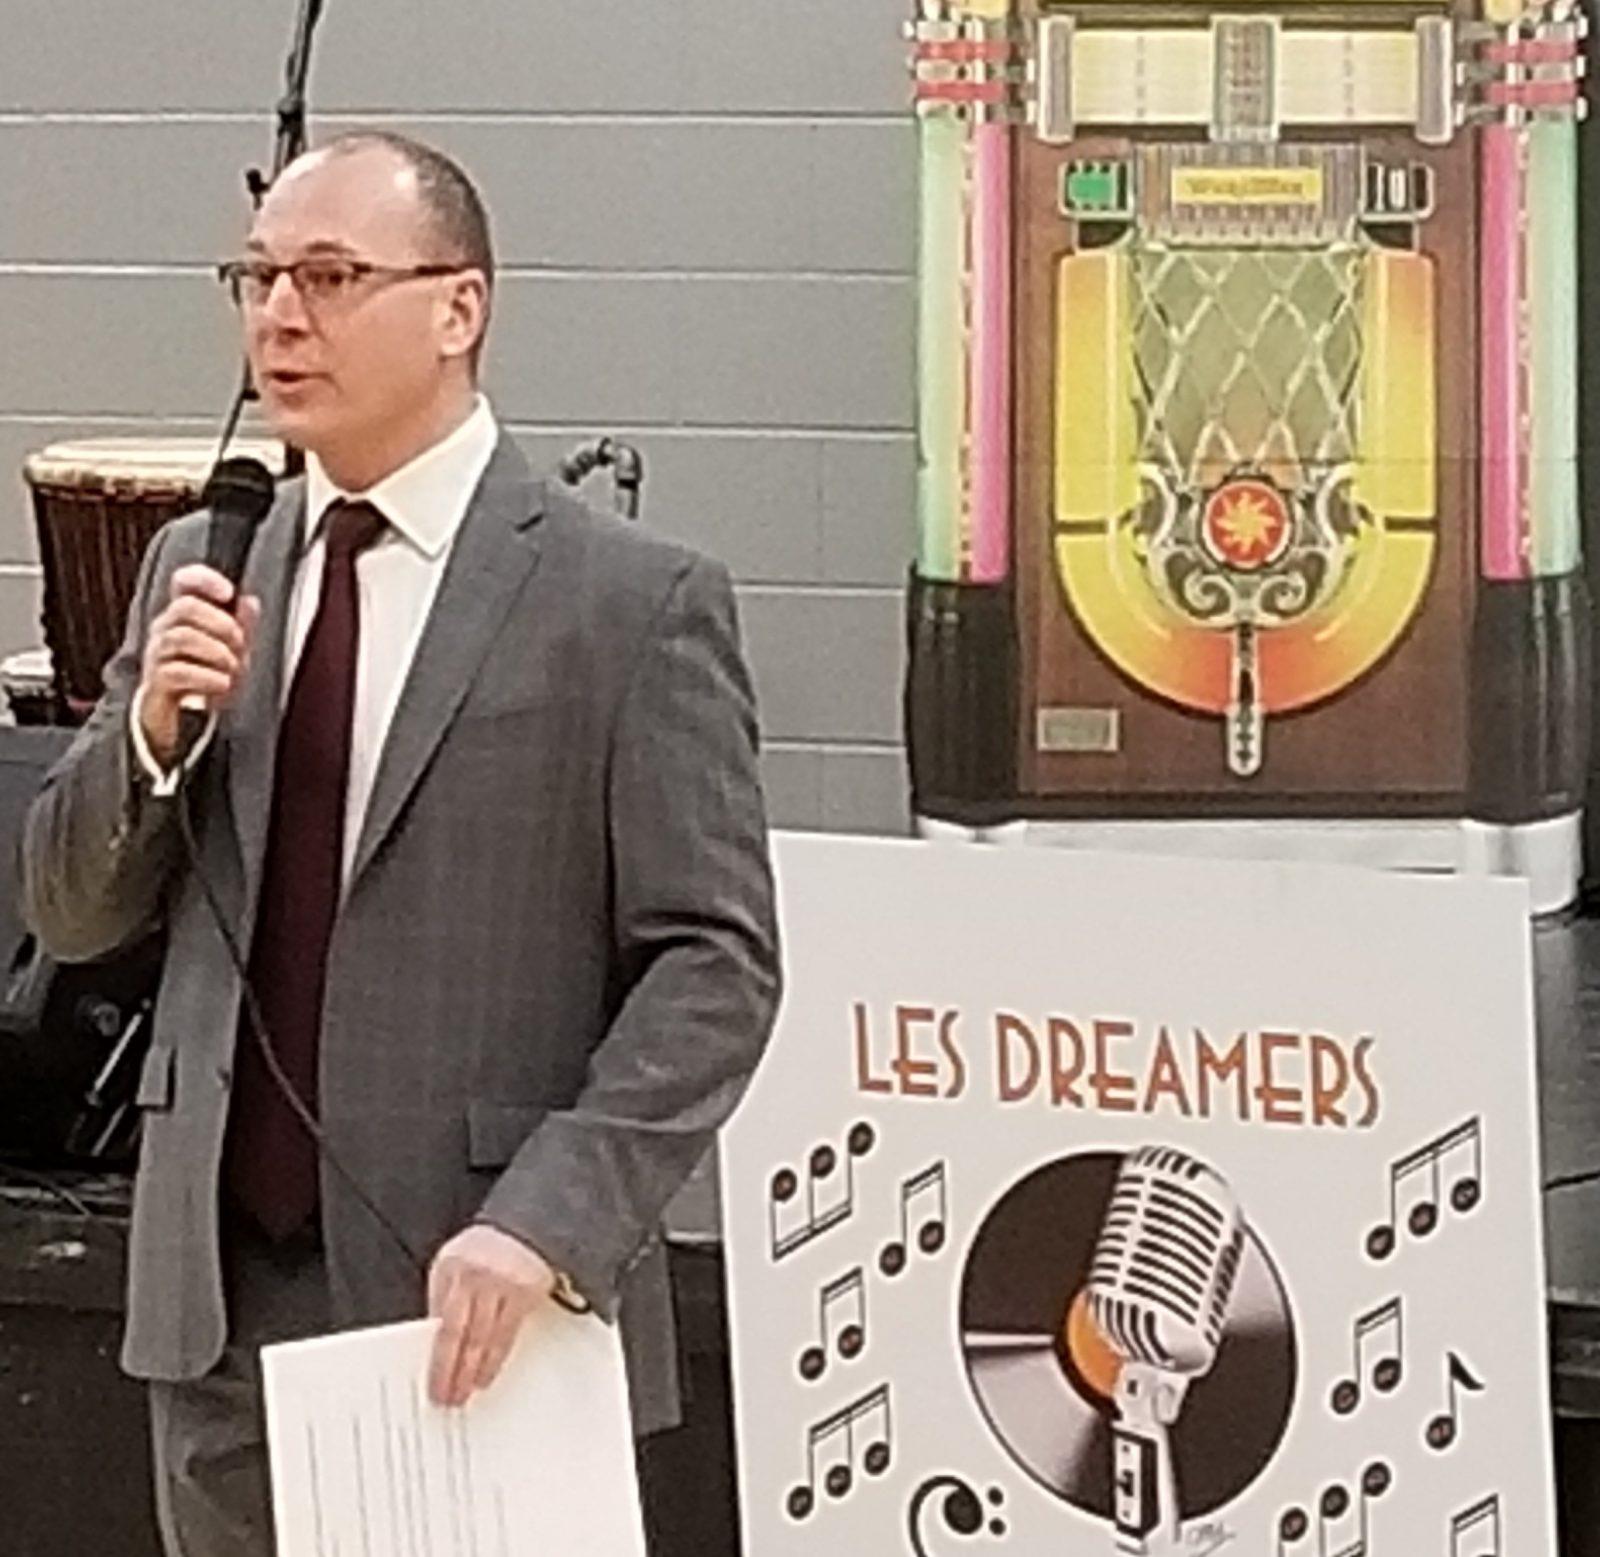 La candidature de François Choquette officiellement confirmée